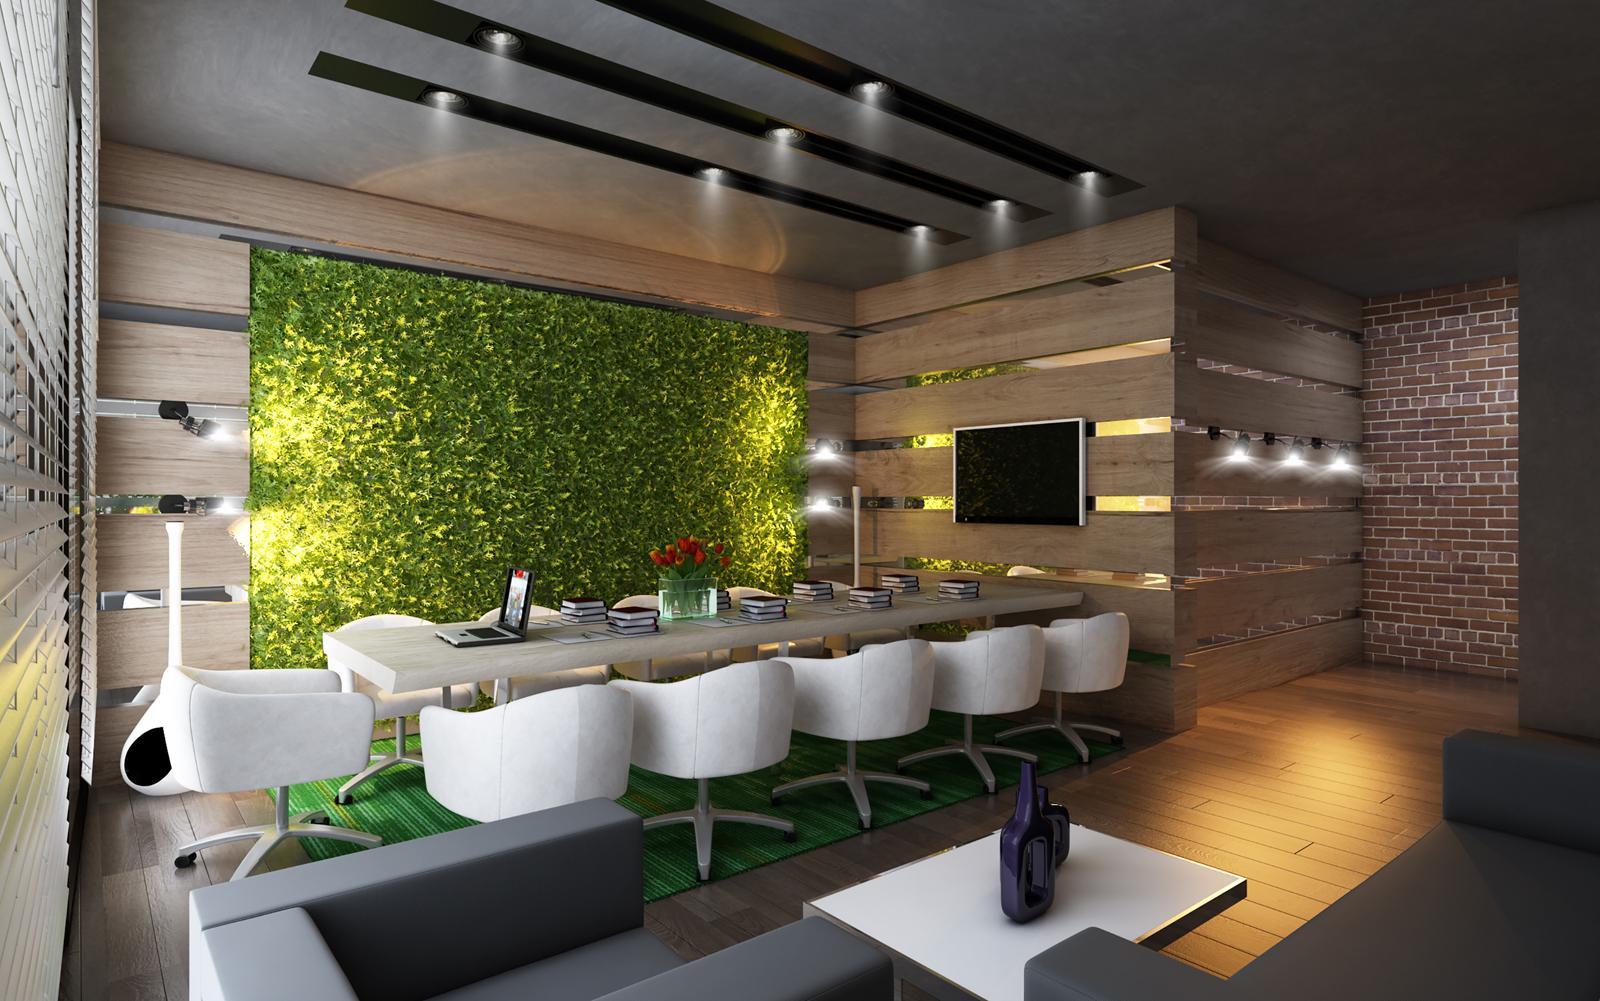 Thiết kế phòng làm việc có không gian xanh